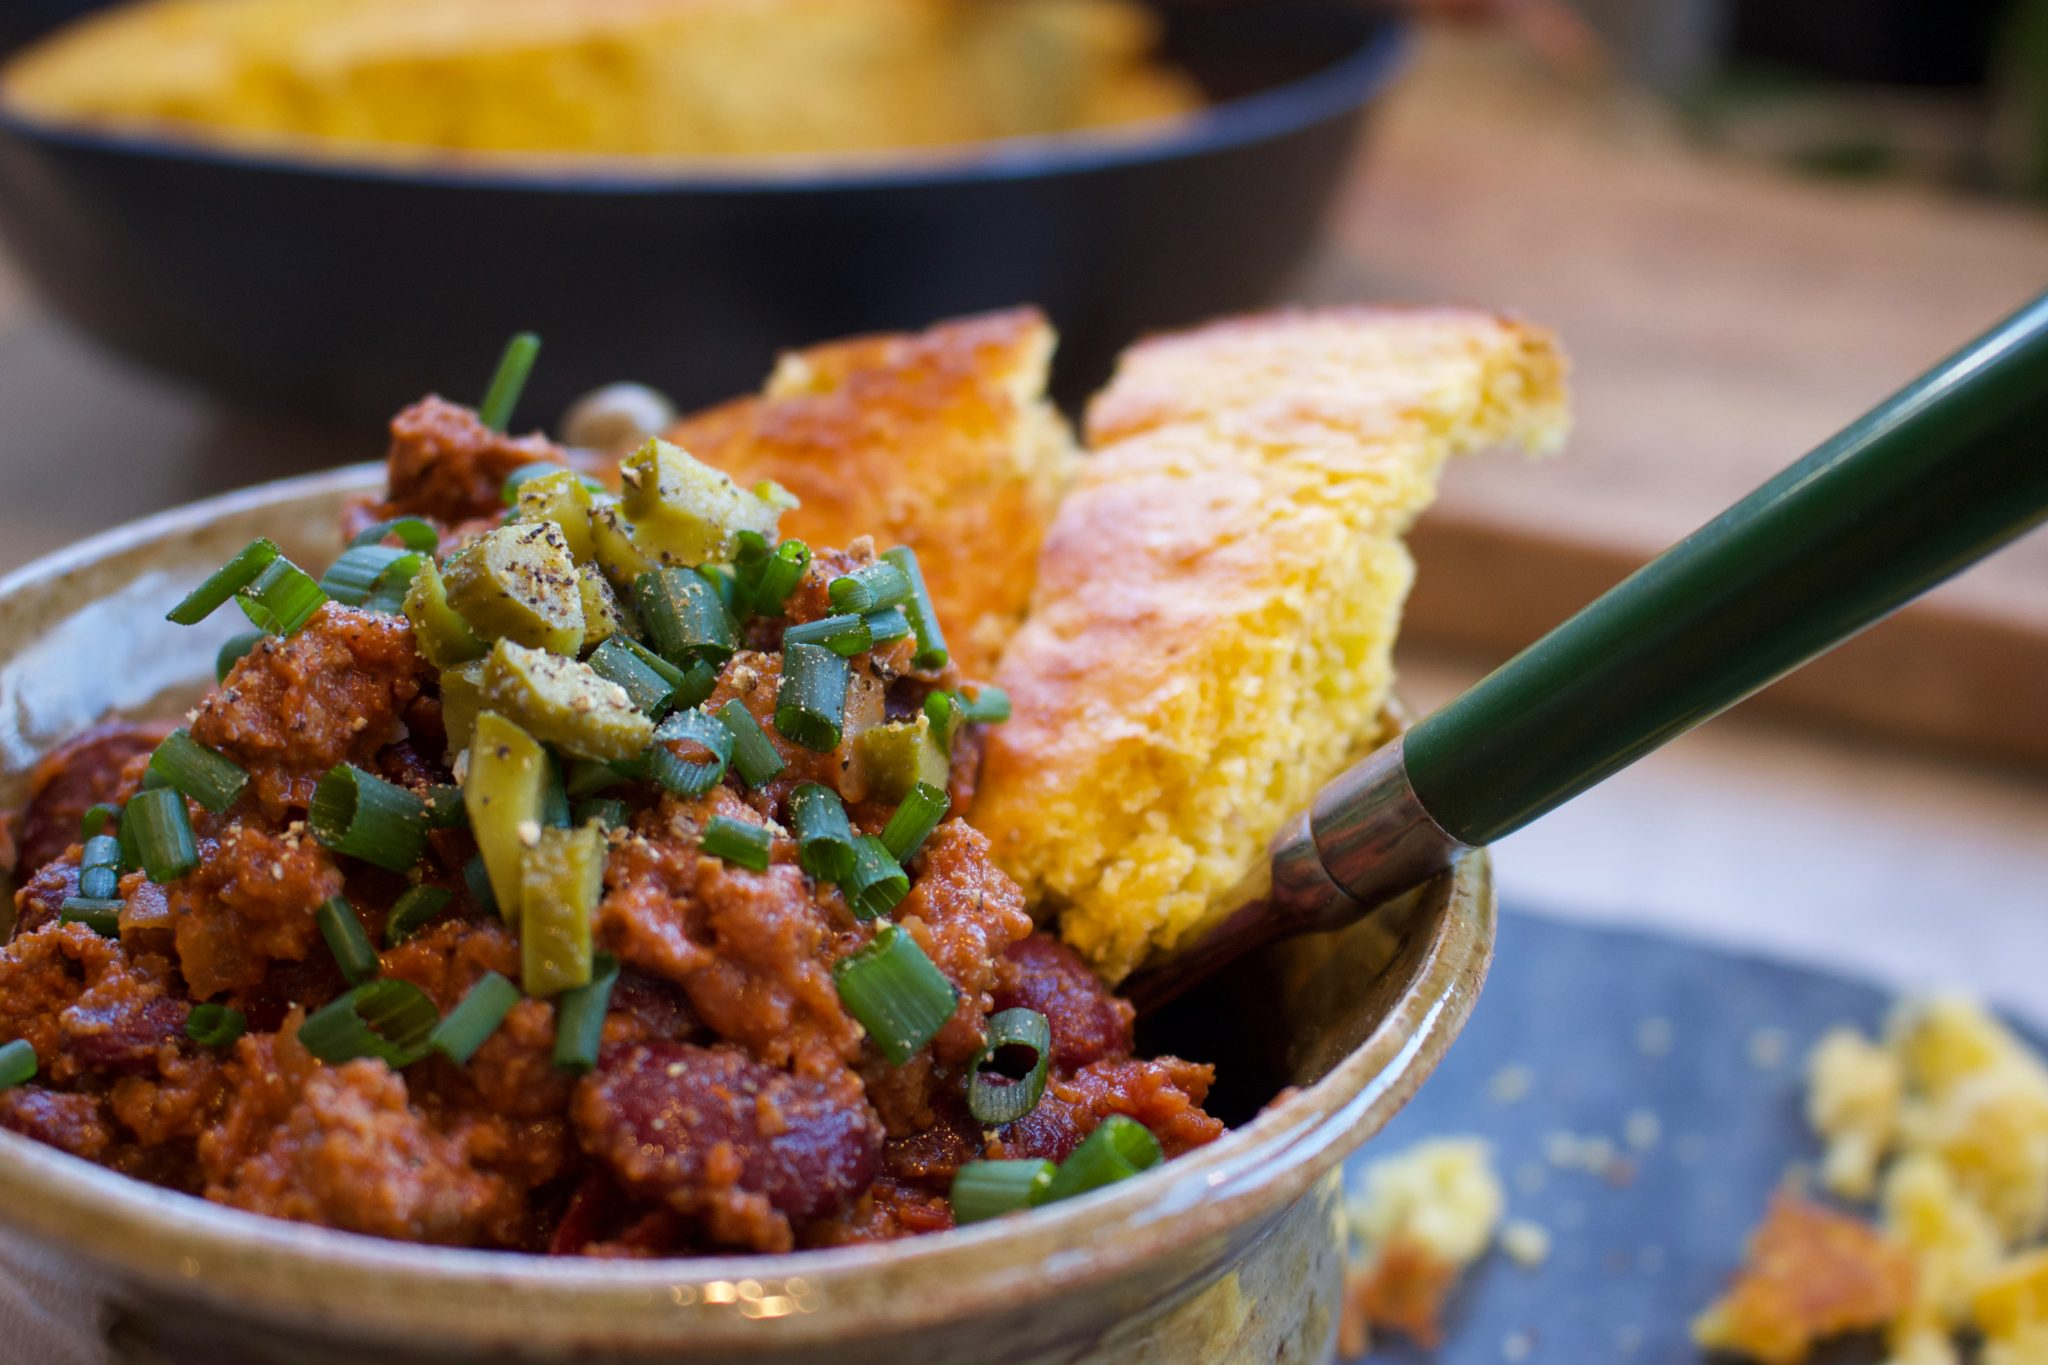 quick and easy to prepare Chili, beans, cornbread